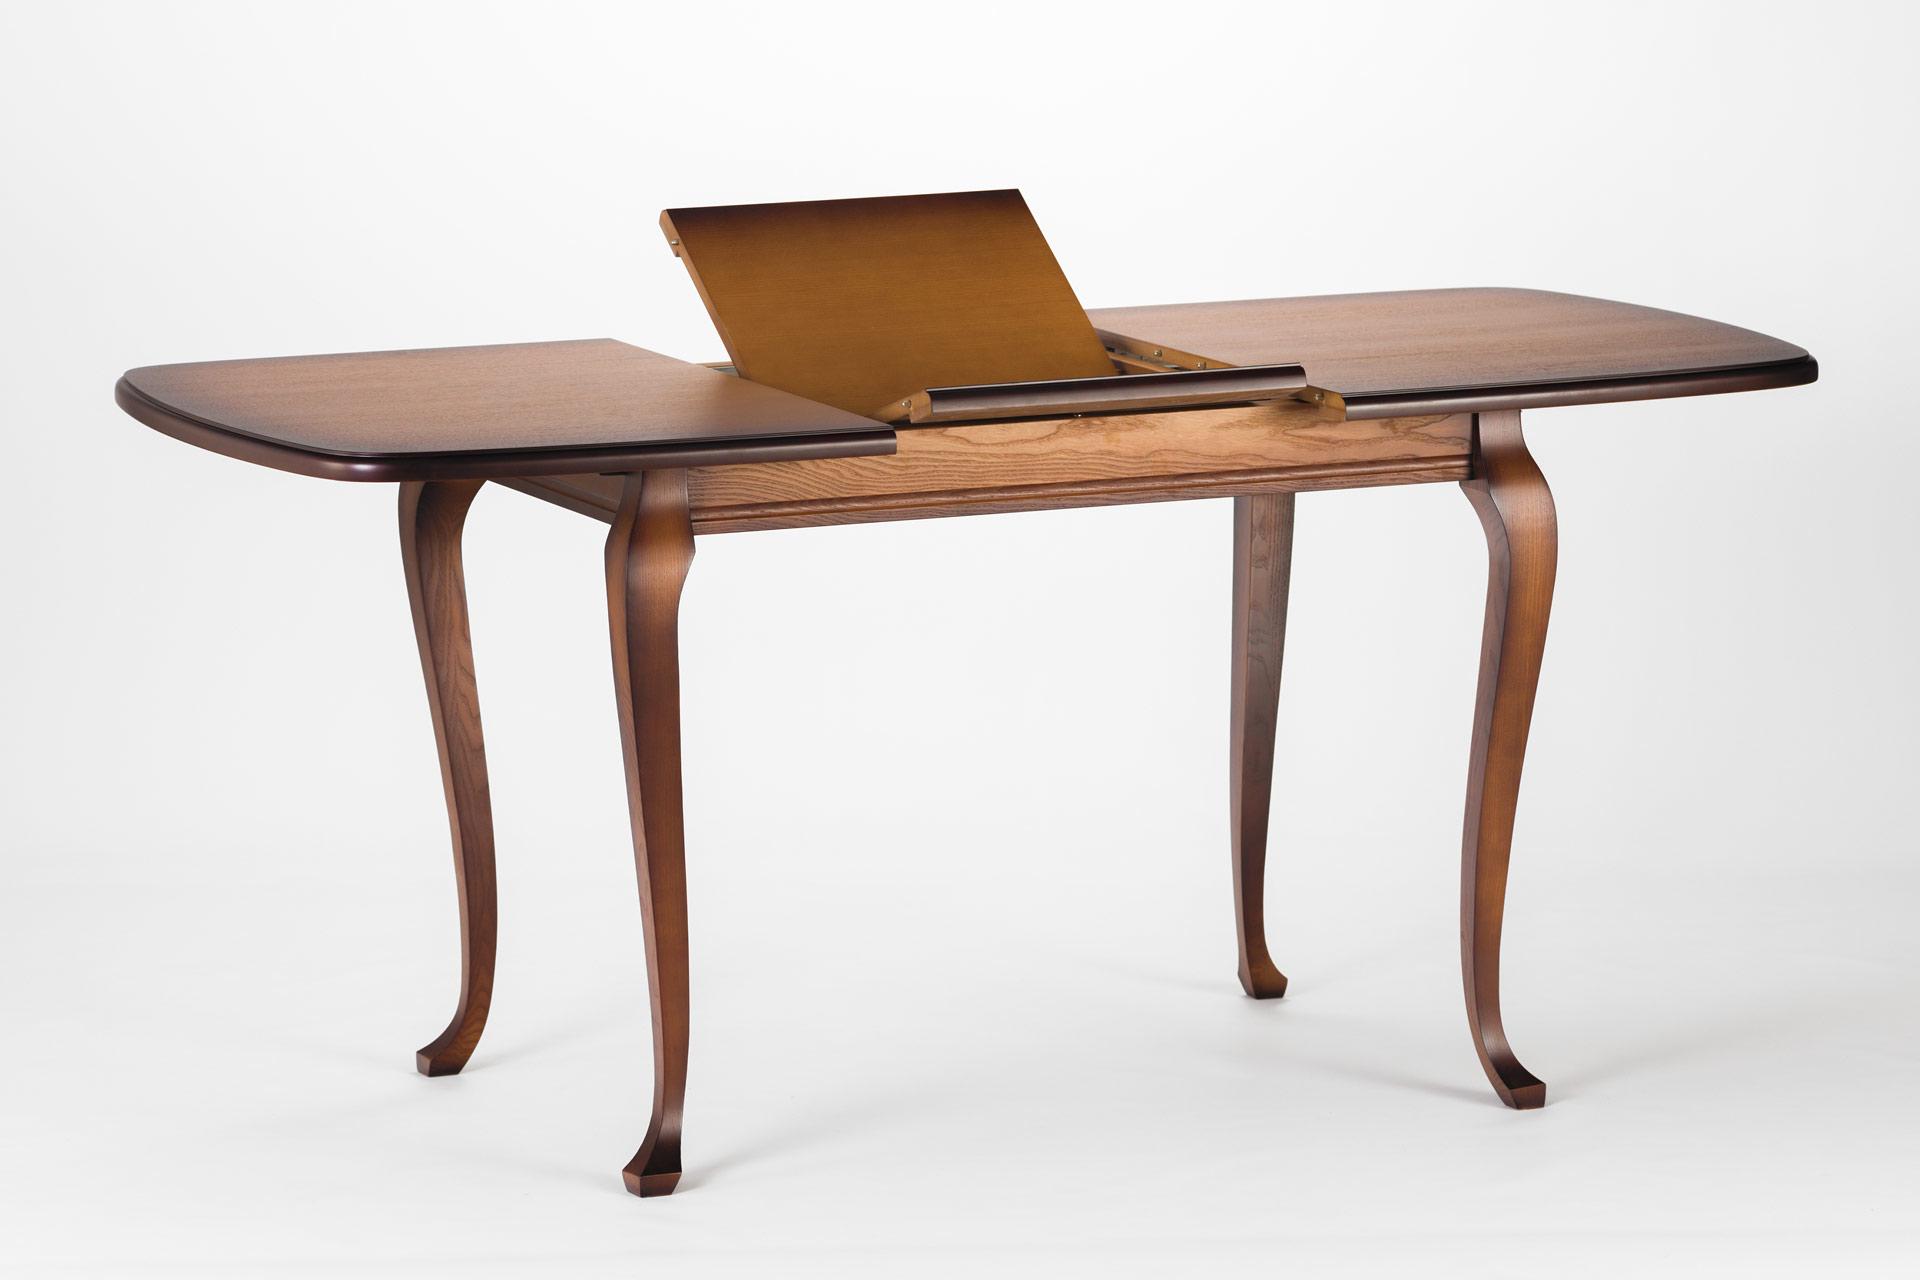 Деревянный кухонный стол Людовик, тонированный, механизм раскладки книжка